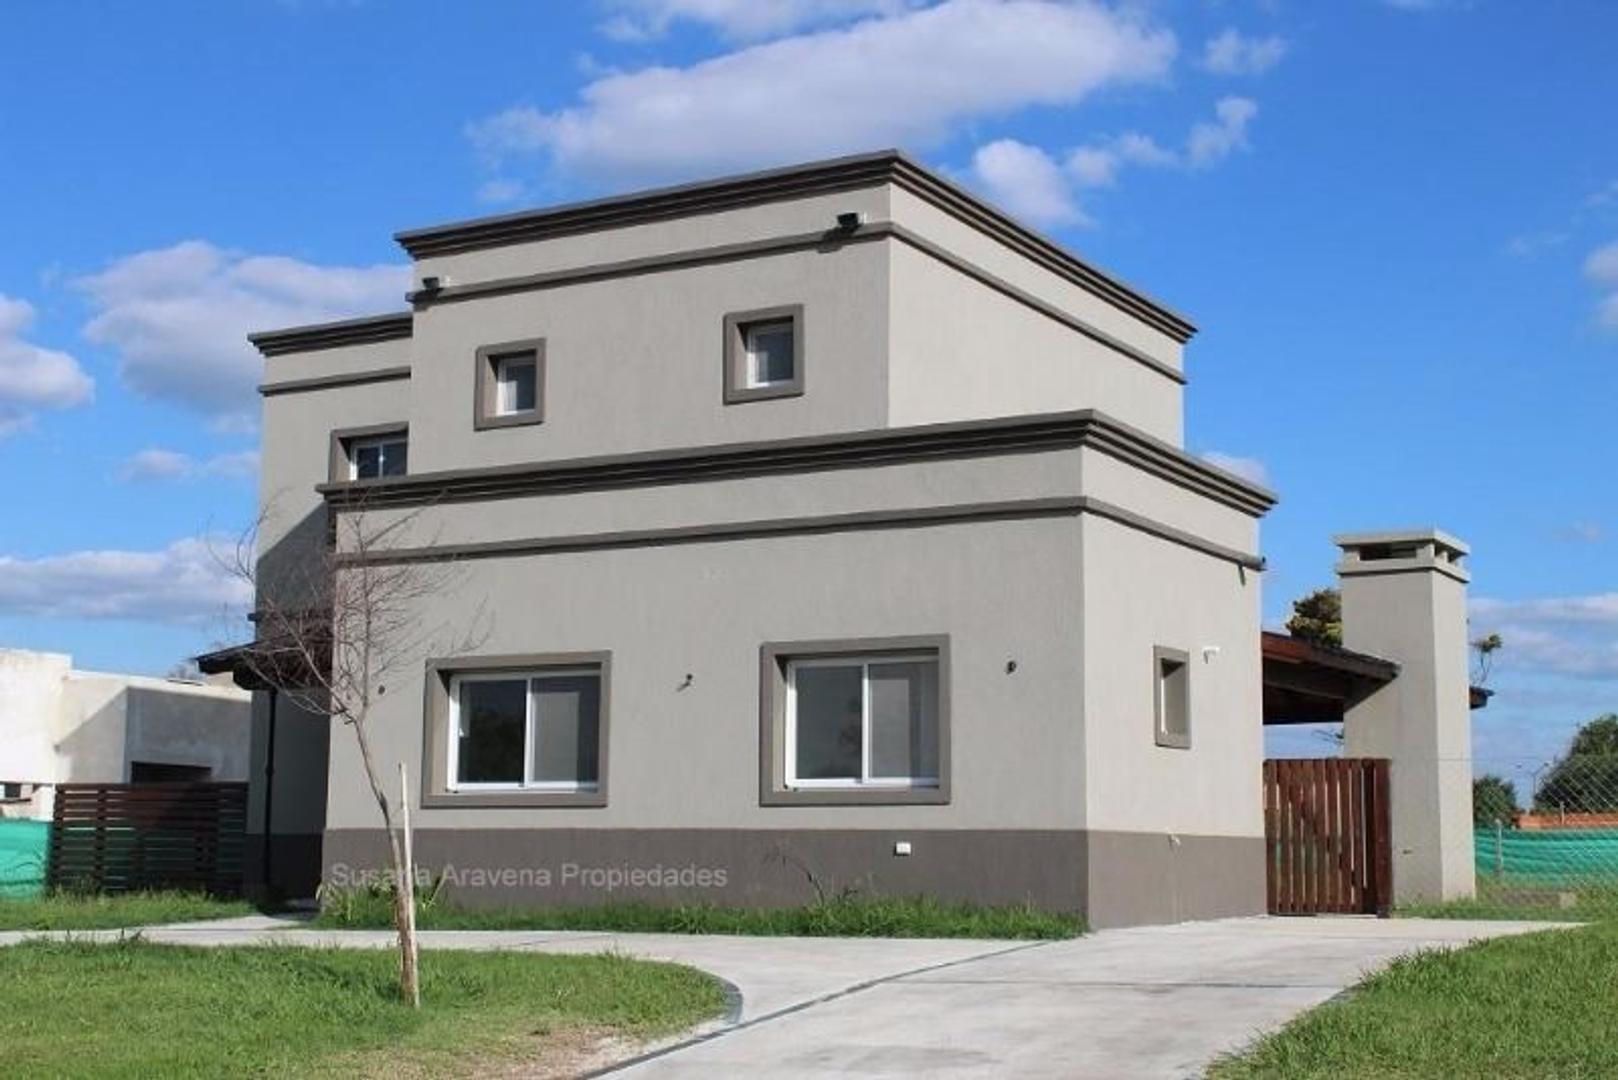 Casa en venta Santa Guadalupe Pilar del Este